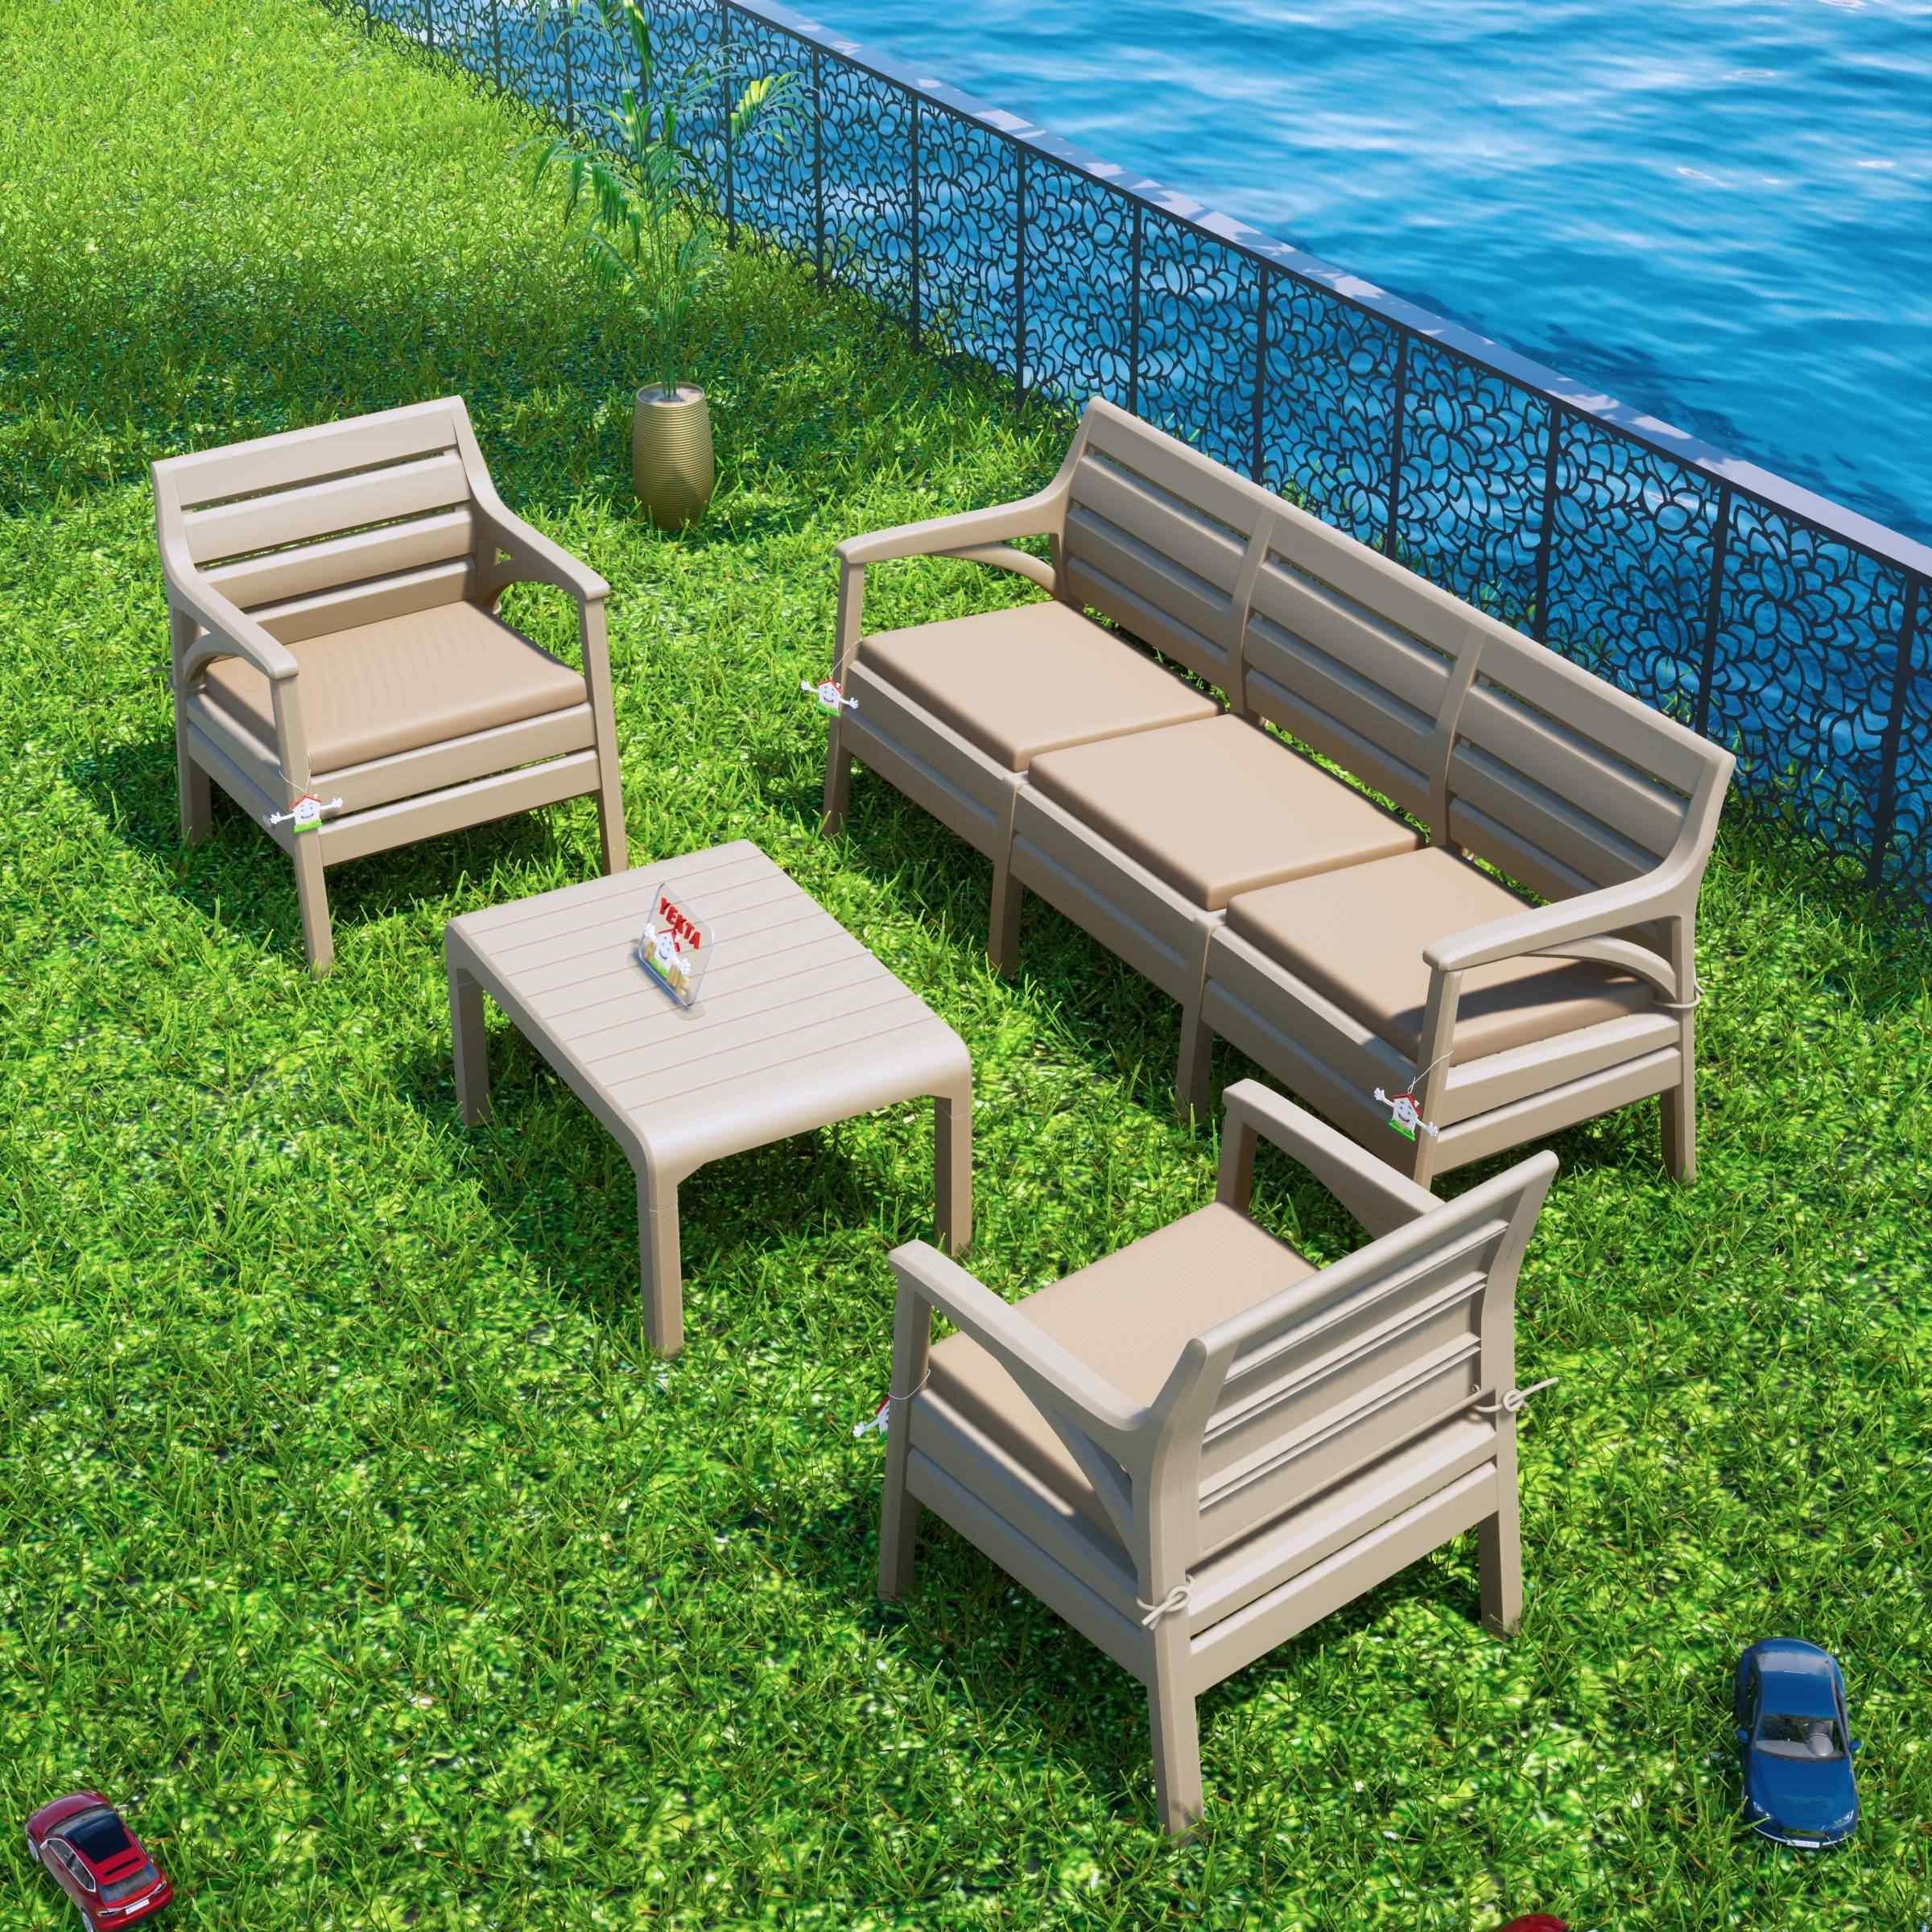 Holiday Hawai Bahçe Mobilyası Oturma Grubu Balkon Koltuk Takımı Cappucino